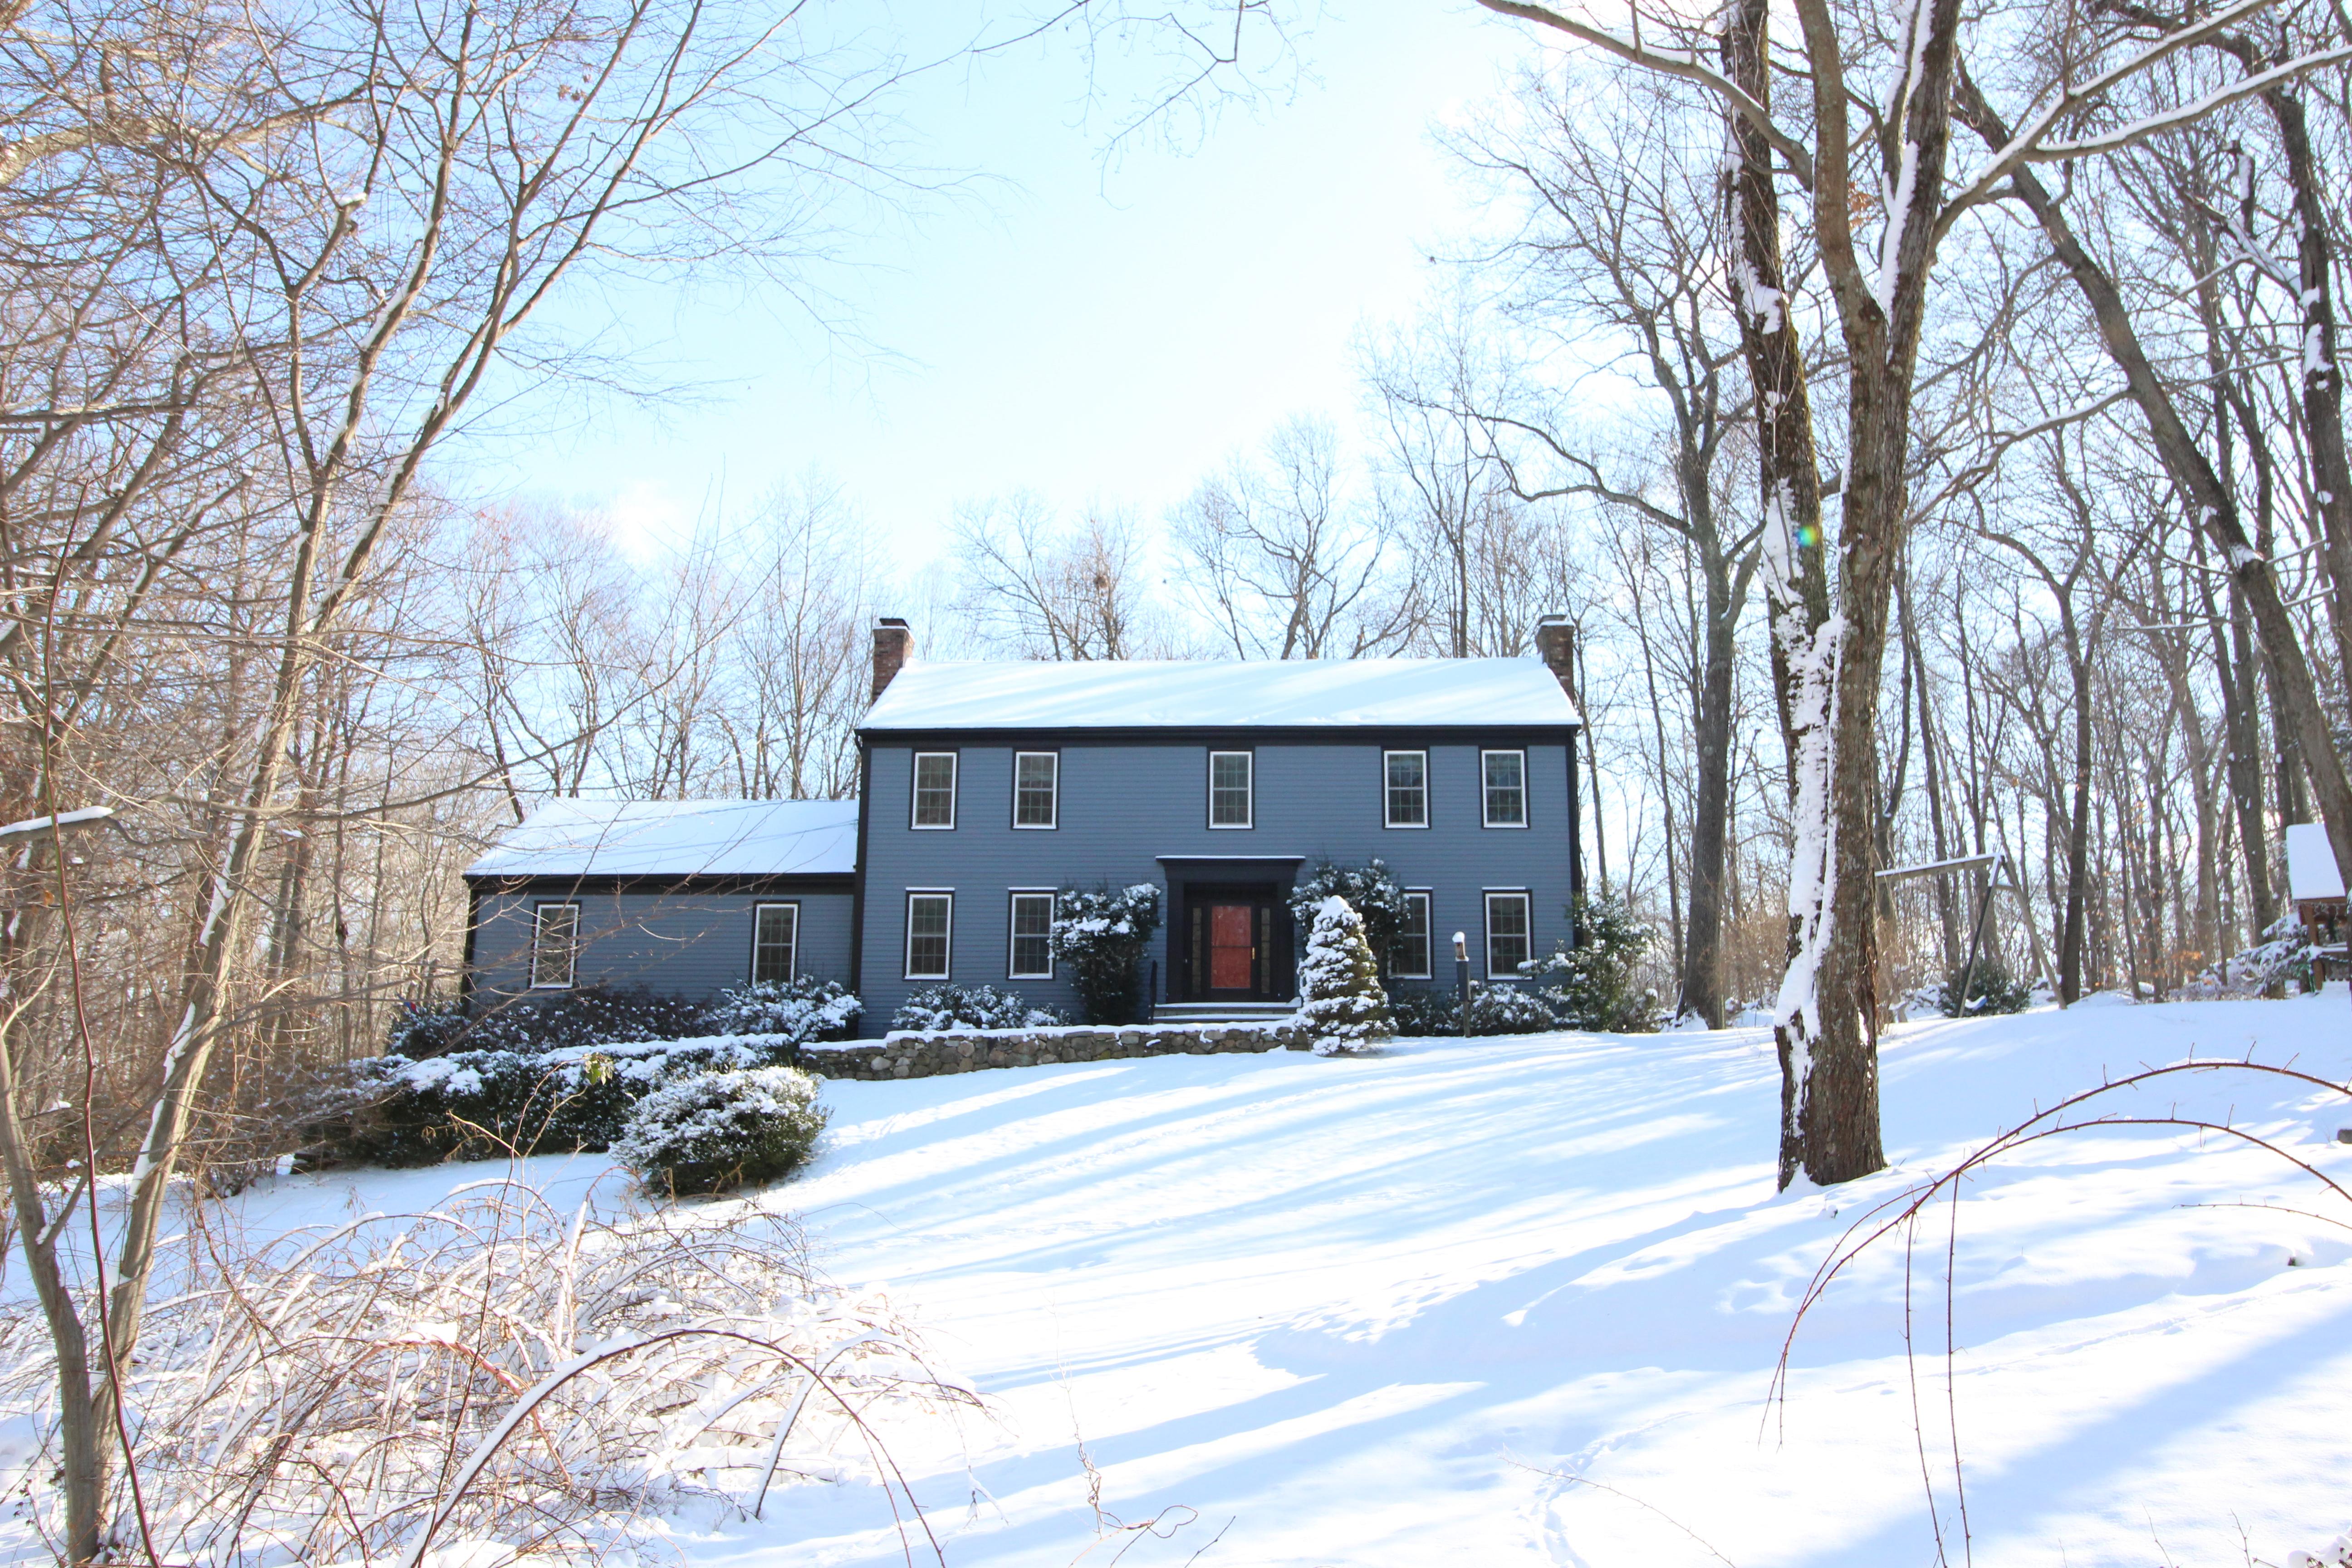 Maison unifamiliale pour l Vente à One of Wilton's Best Neighborhoods 78 Thunder Lake Road Wilton, Connecticut, 06897 États-Unis